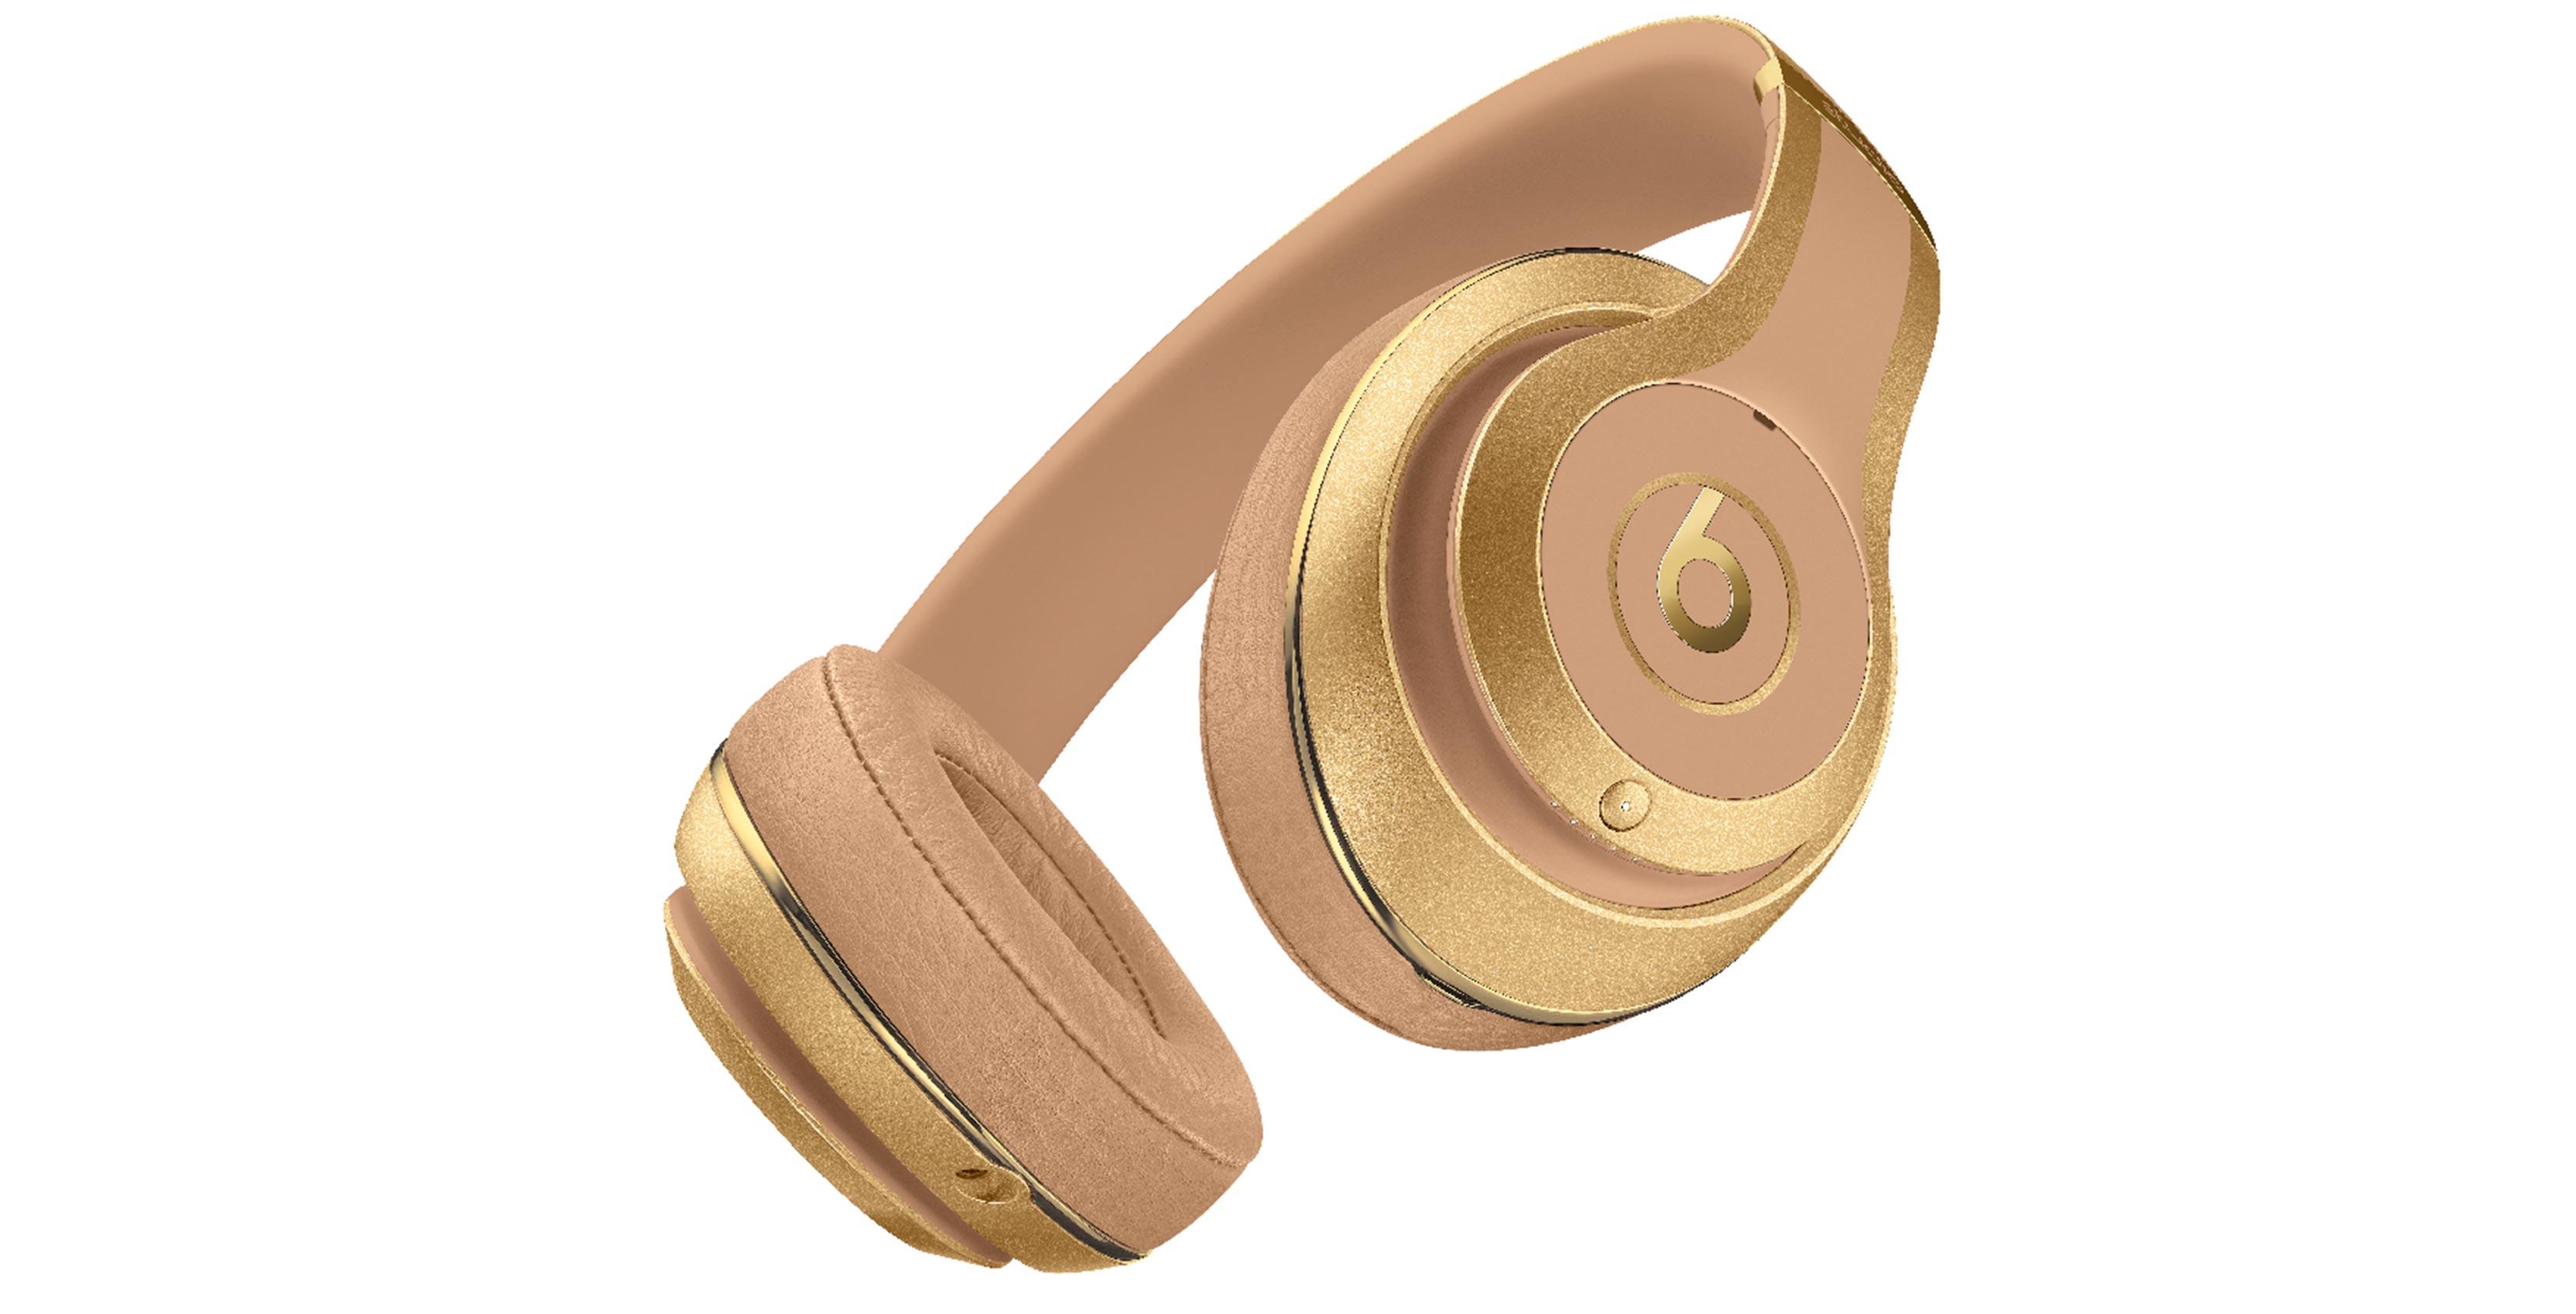 Balmain headphones